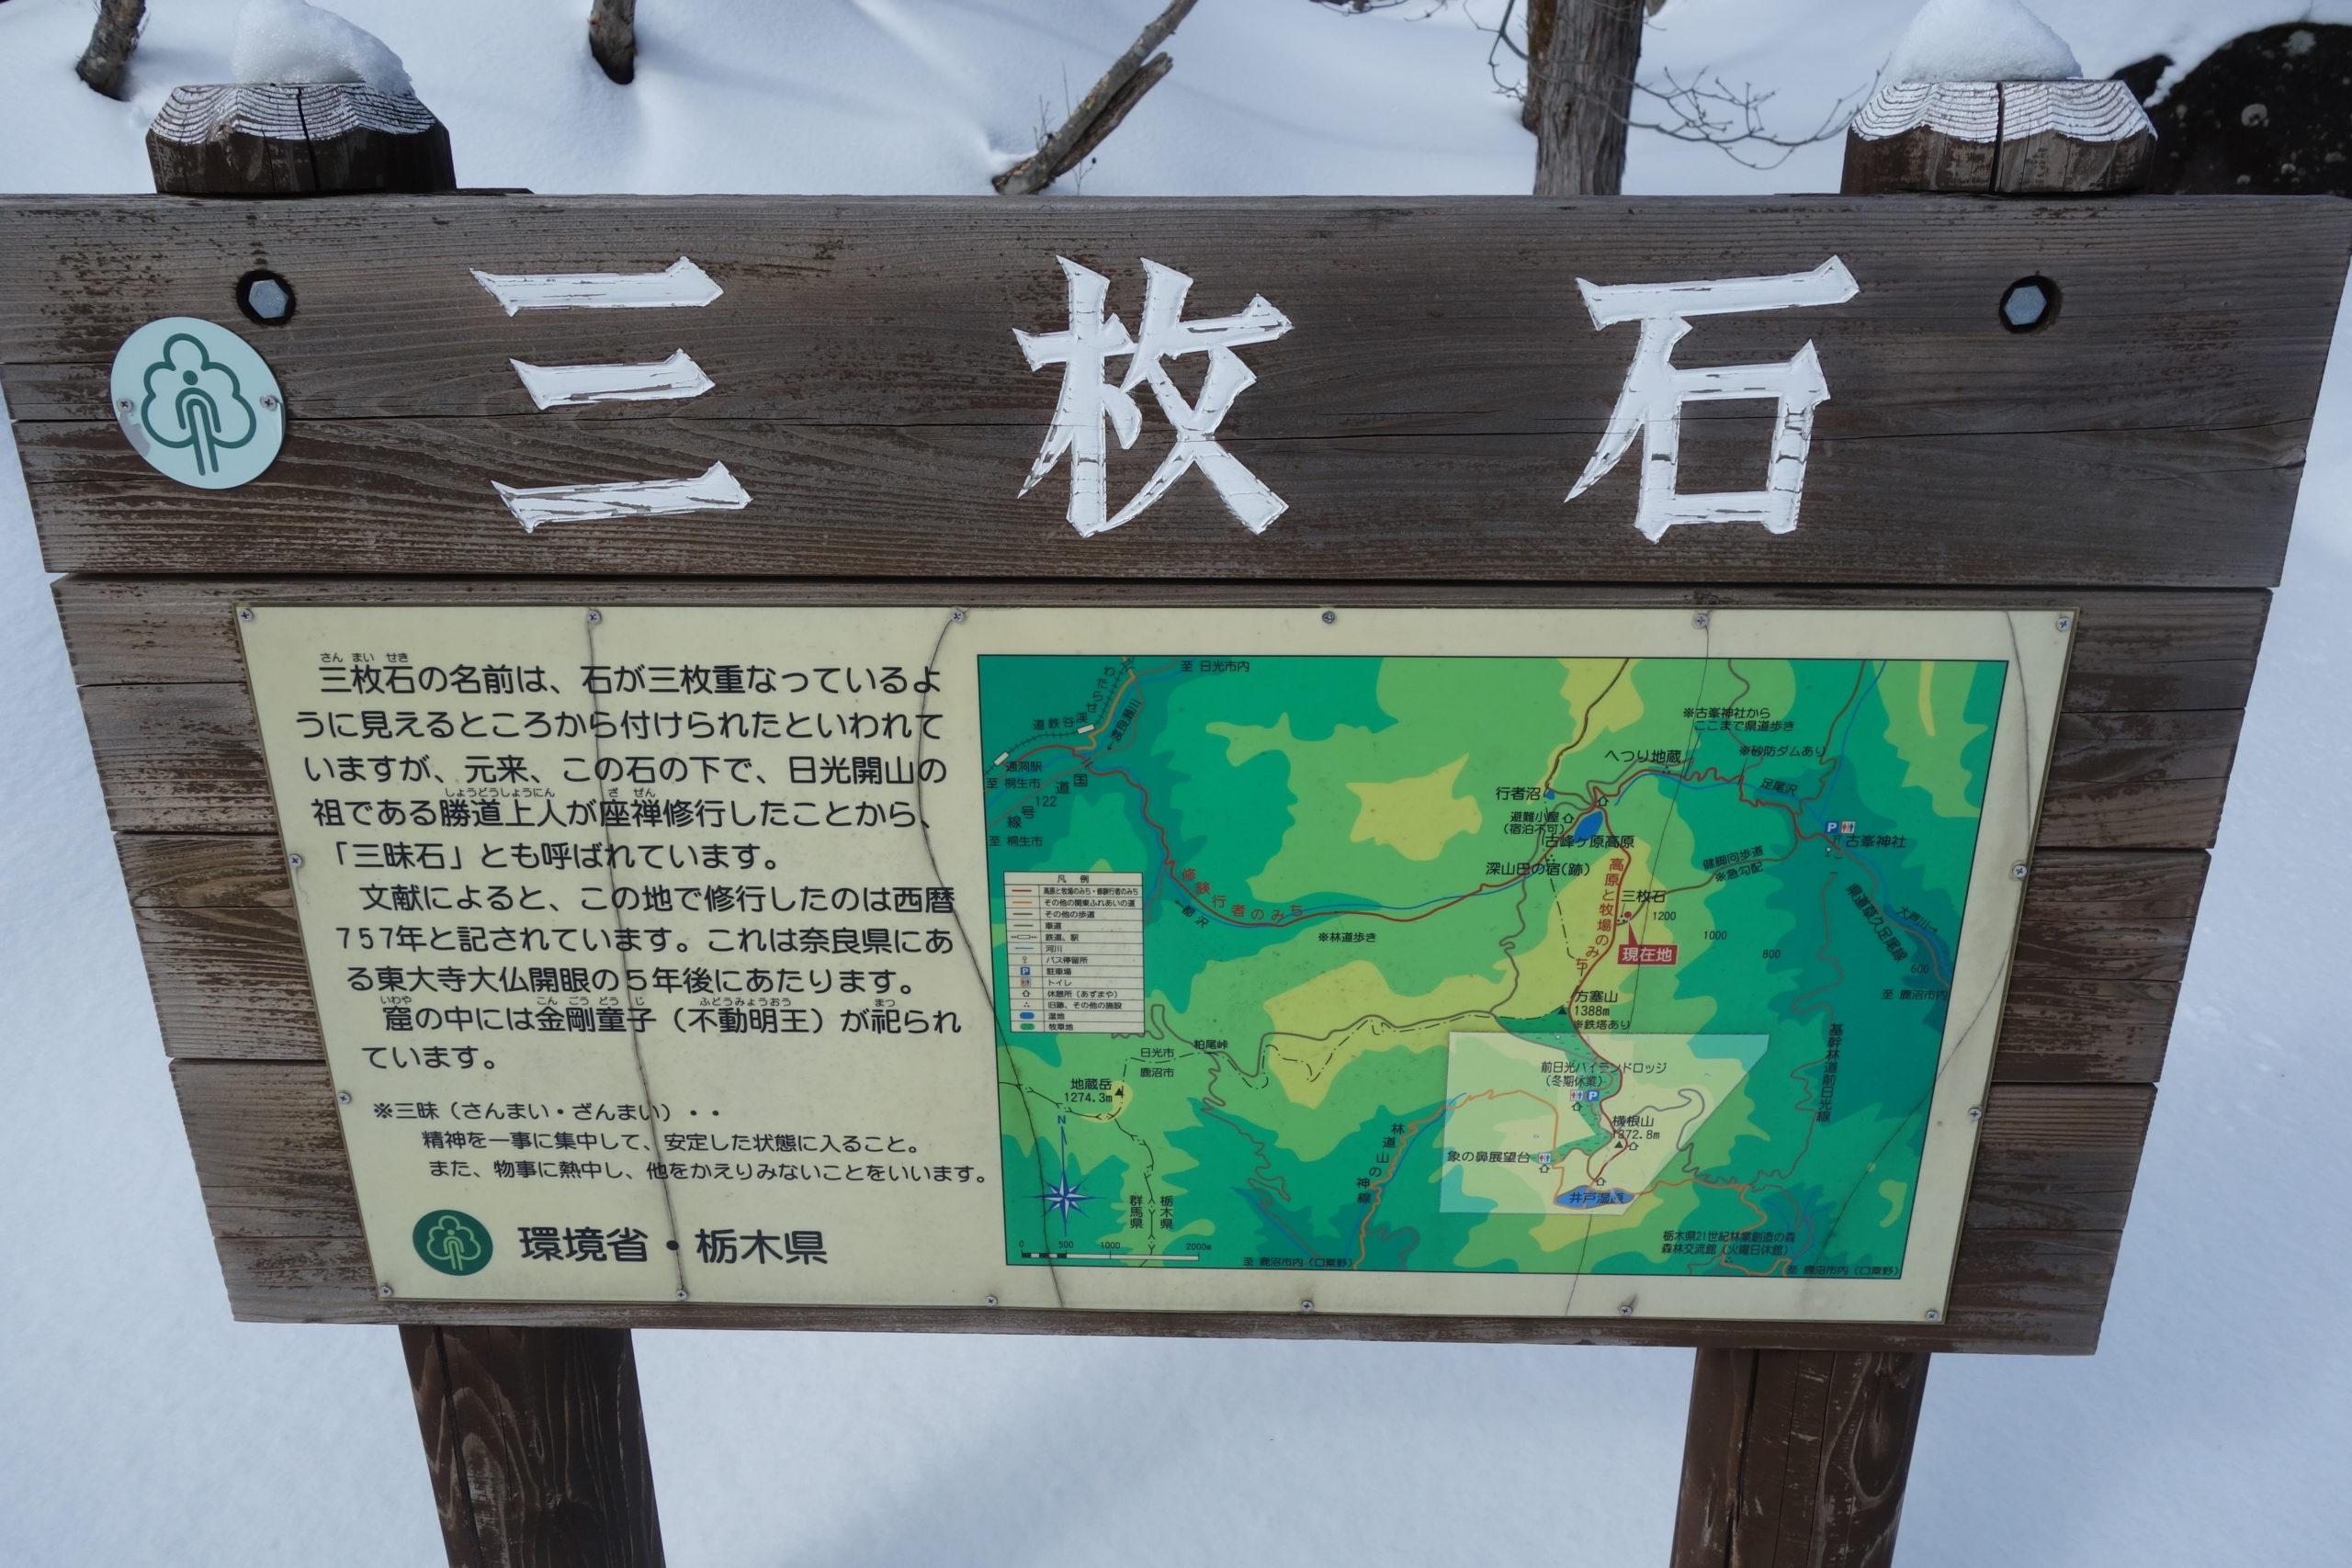 栃木県鹿沼市 古峯神社〜3枚石